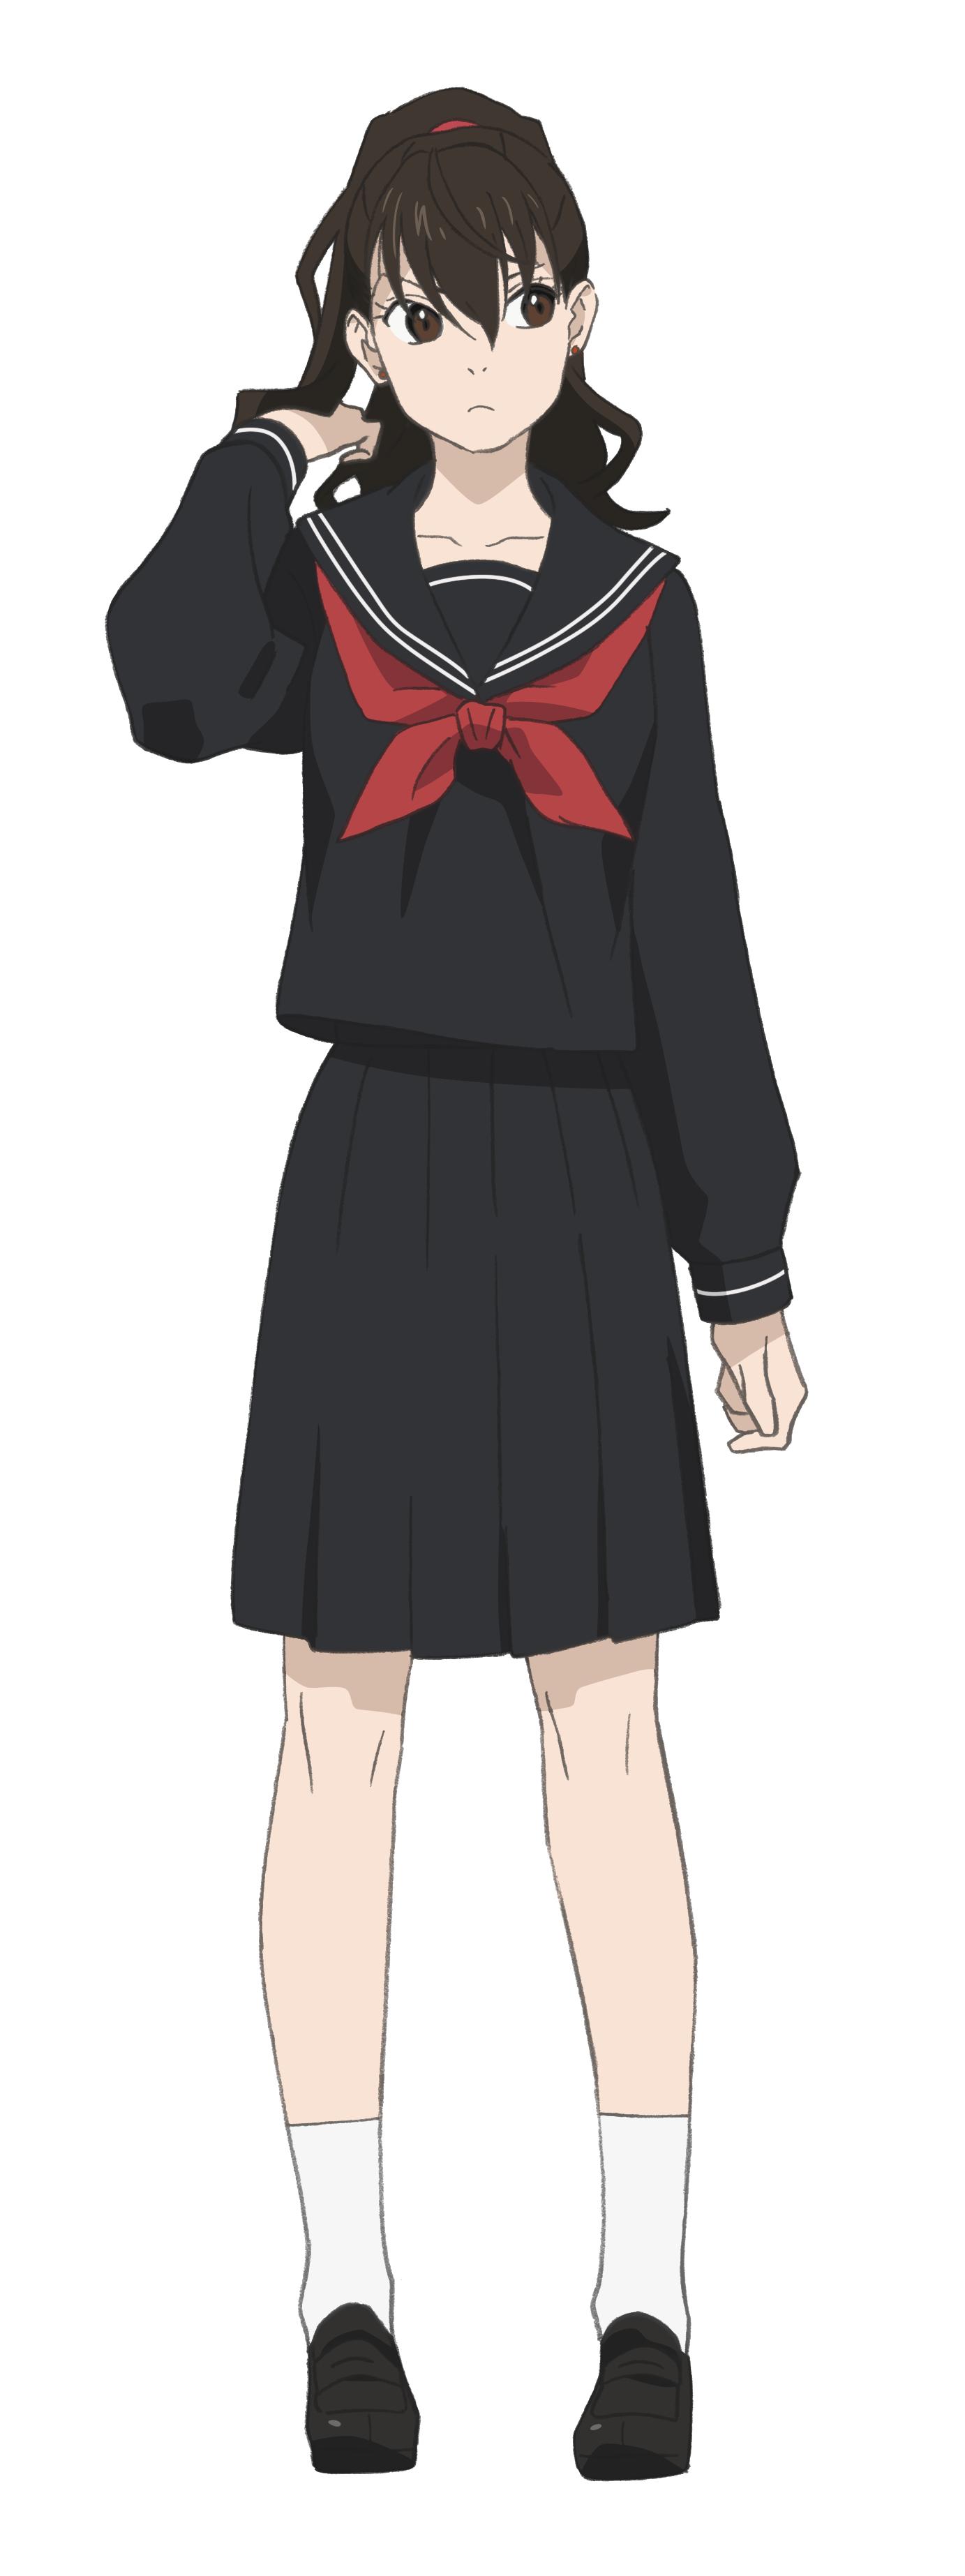 田沼舞  (C)羅川真里茂・講談社/ましろのおと製作委員会